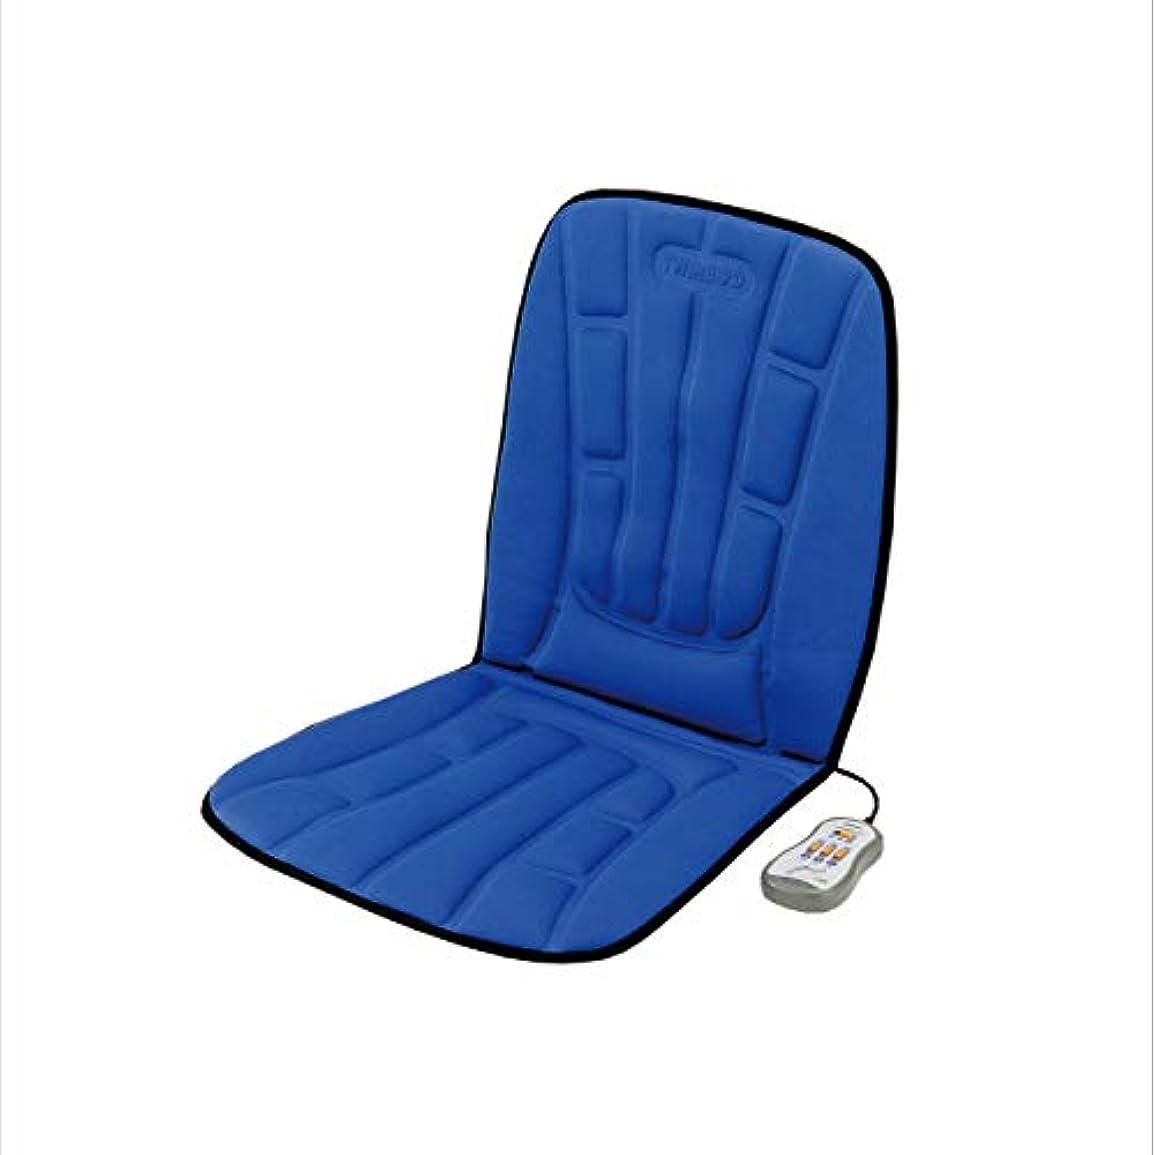 憂慮すべきショッピングセンター無条件ツインバード シートマッサージャー ブルー EM-2537BL